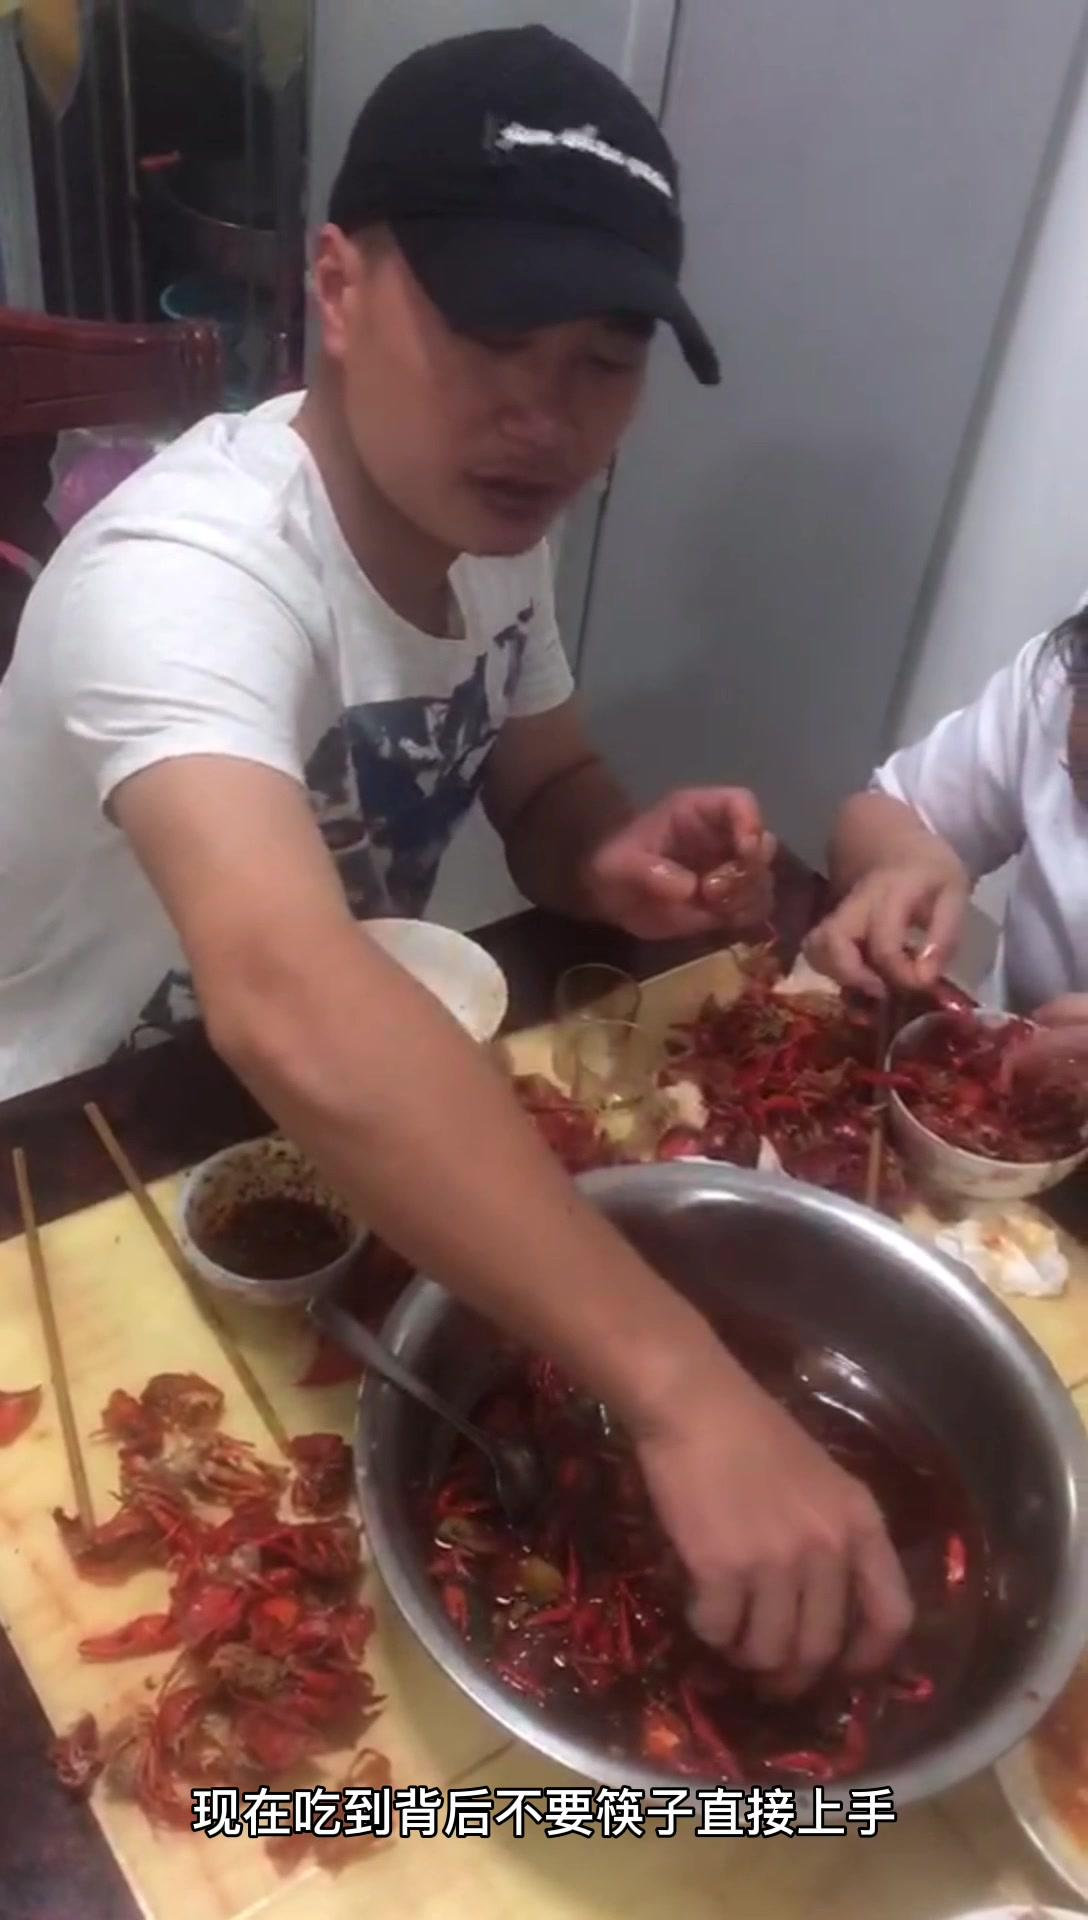 农村小伙买五斤小龙虾和小姨子们吃的过瘾,直夸服务和味道太好了